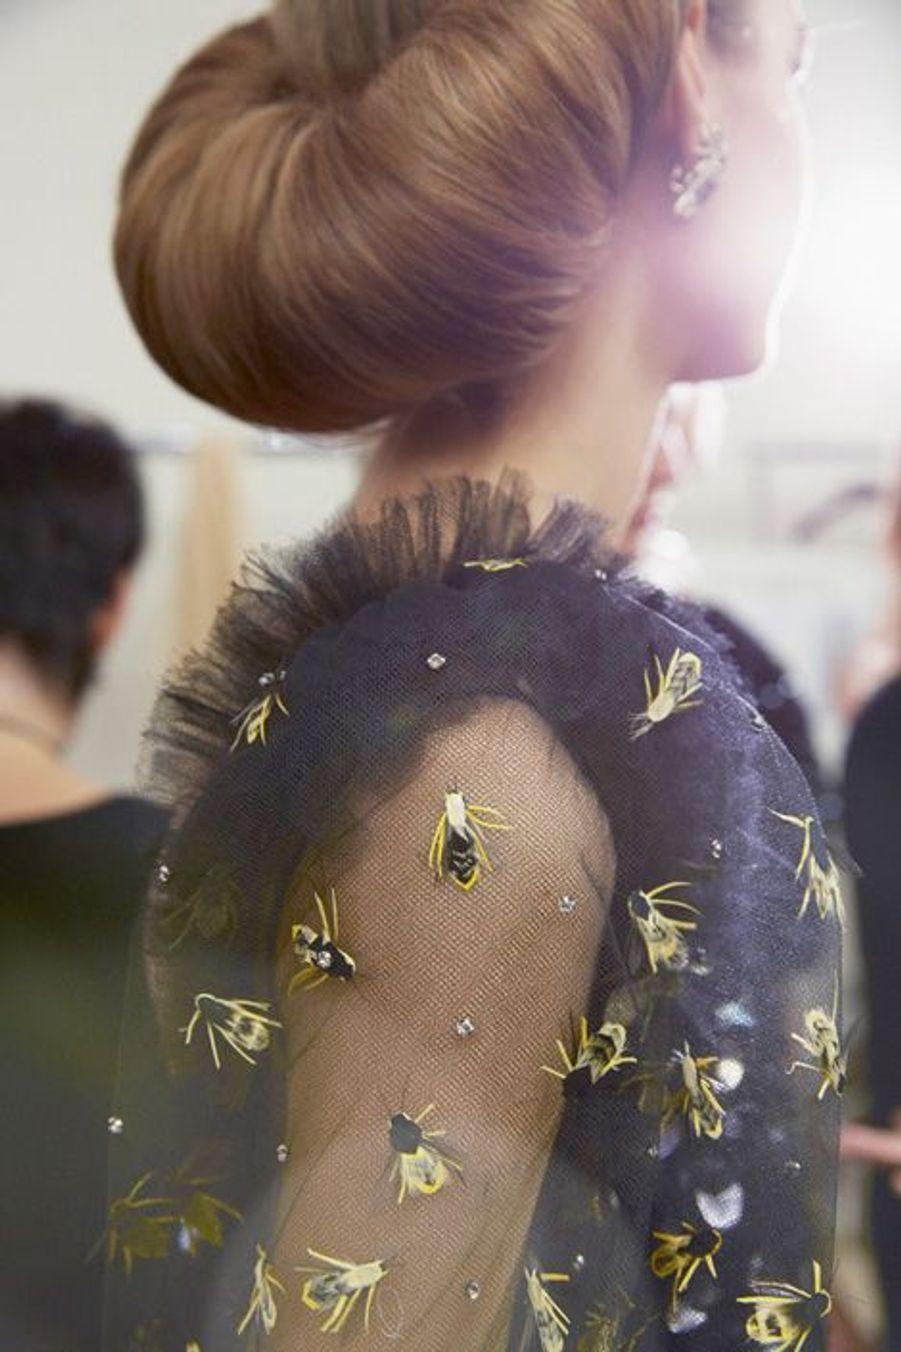 Robe en tulle de soie brodée, parsemée de sequins et d'abeilles en plumes et strass. Boucles d'oreilles insectes en métal, nacre et pierre naturelle.